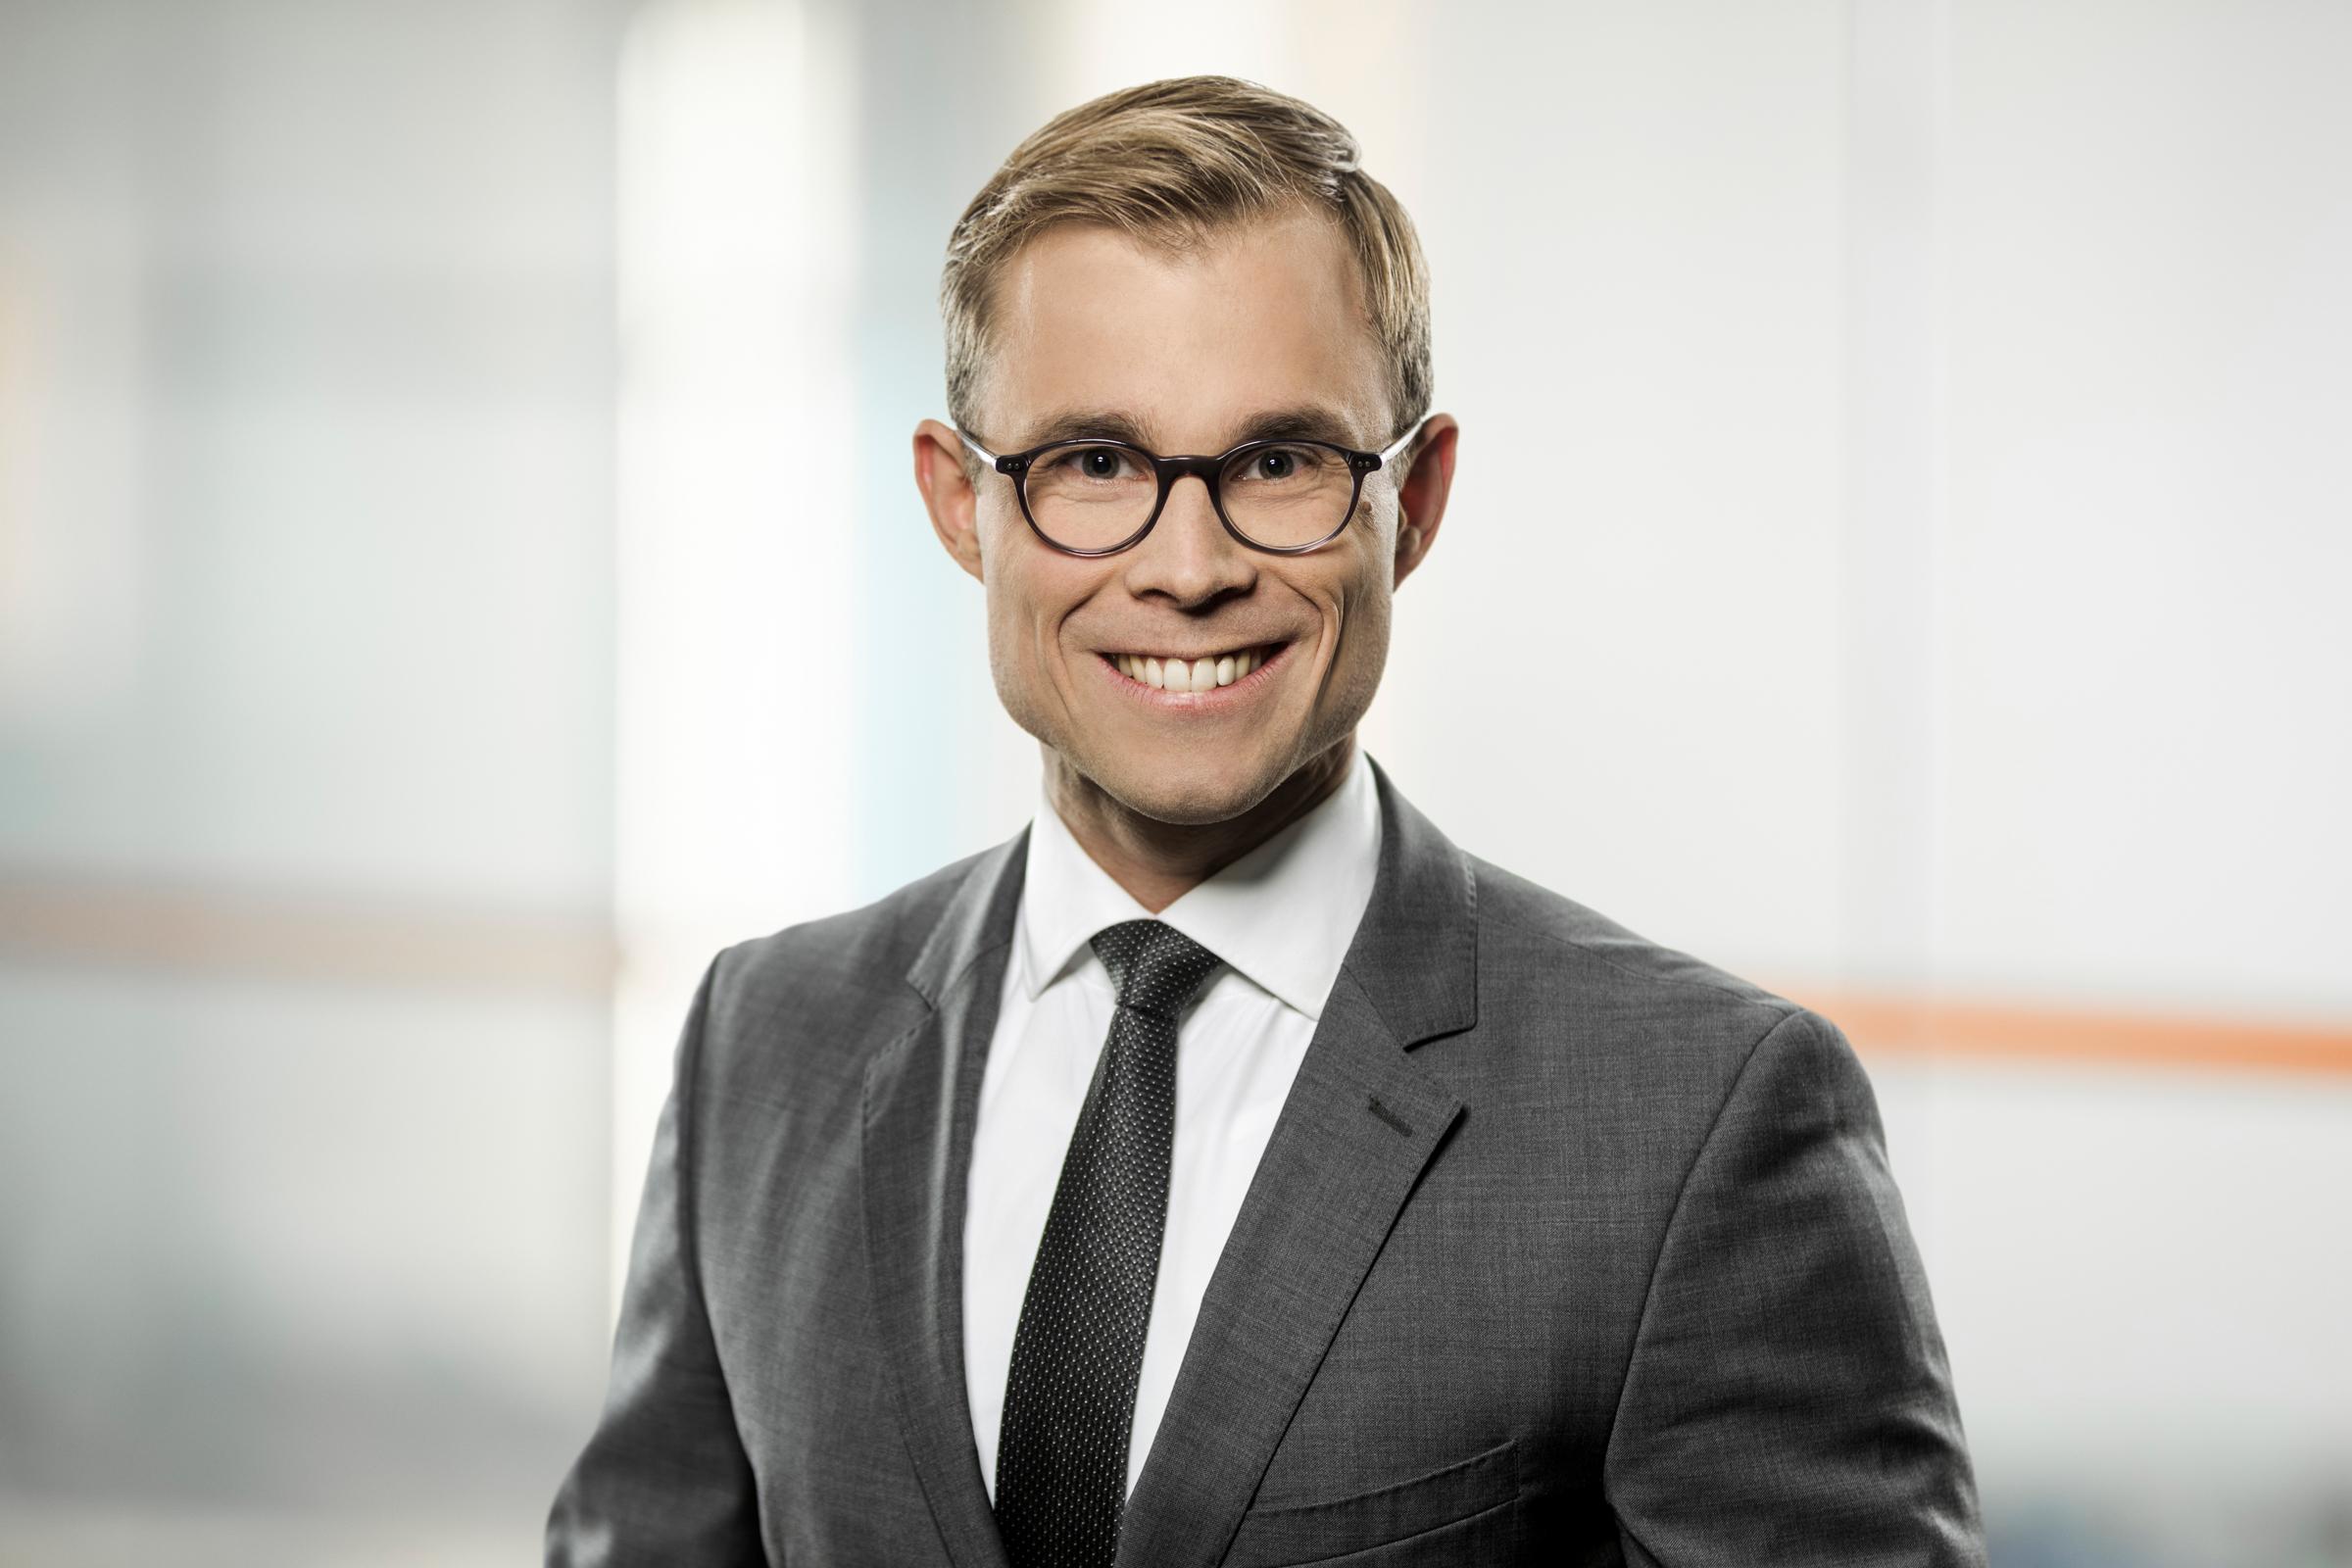 Dr. Jens Poll, Associate